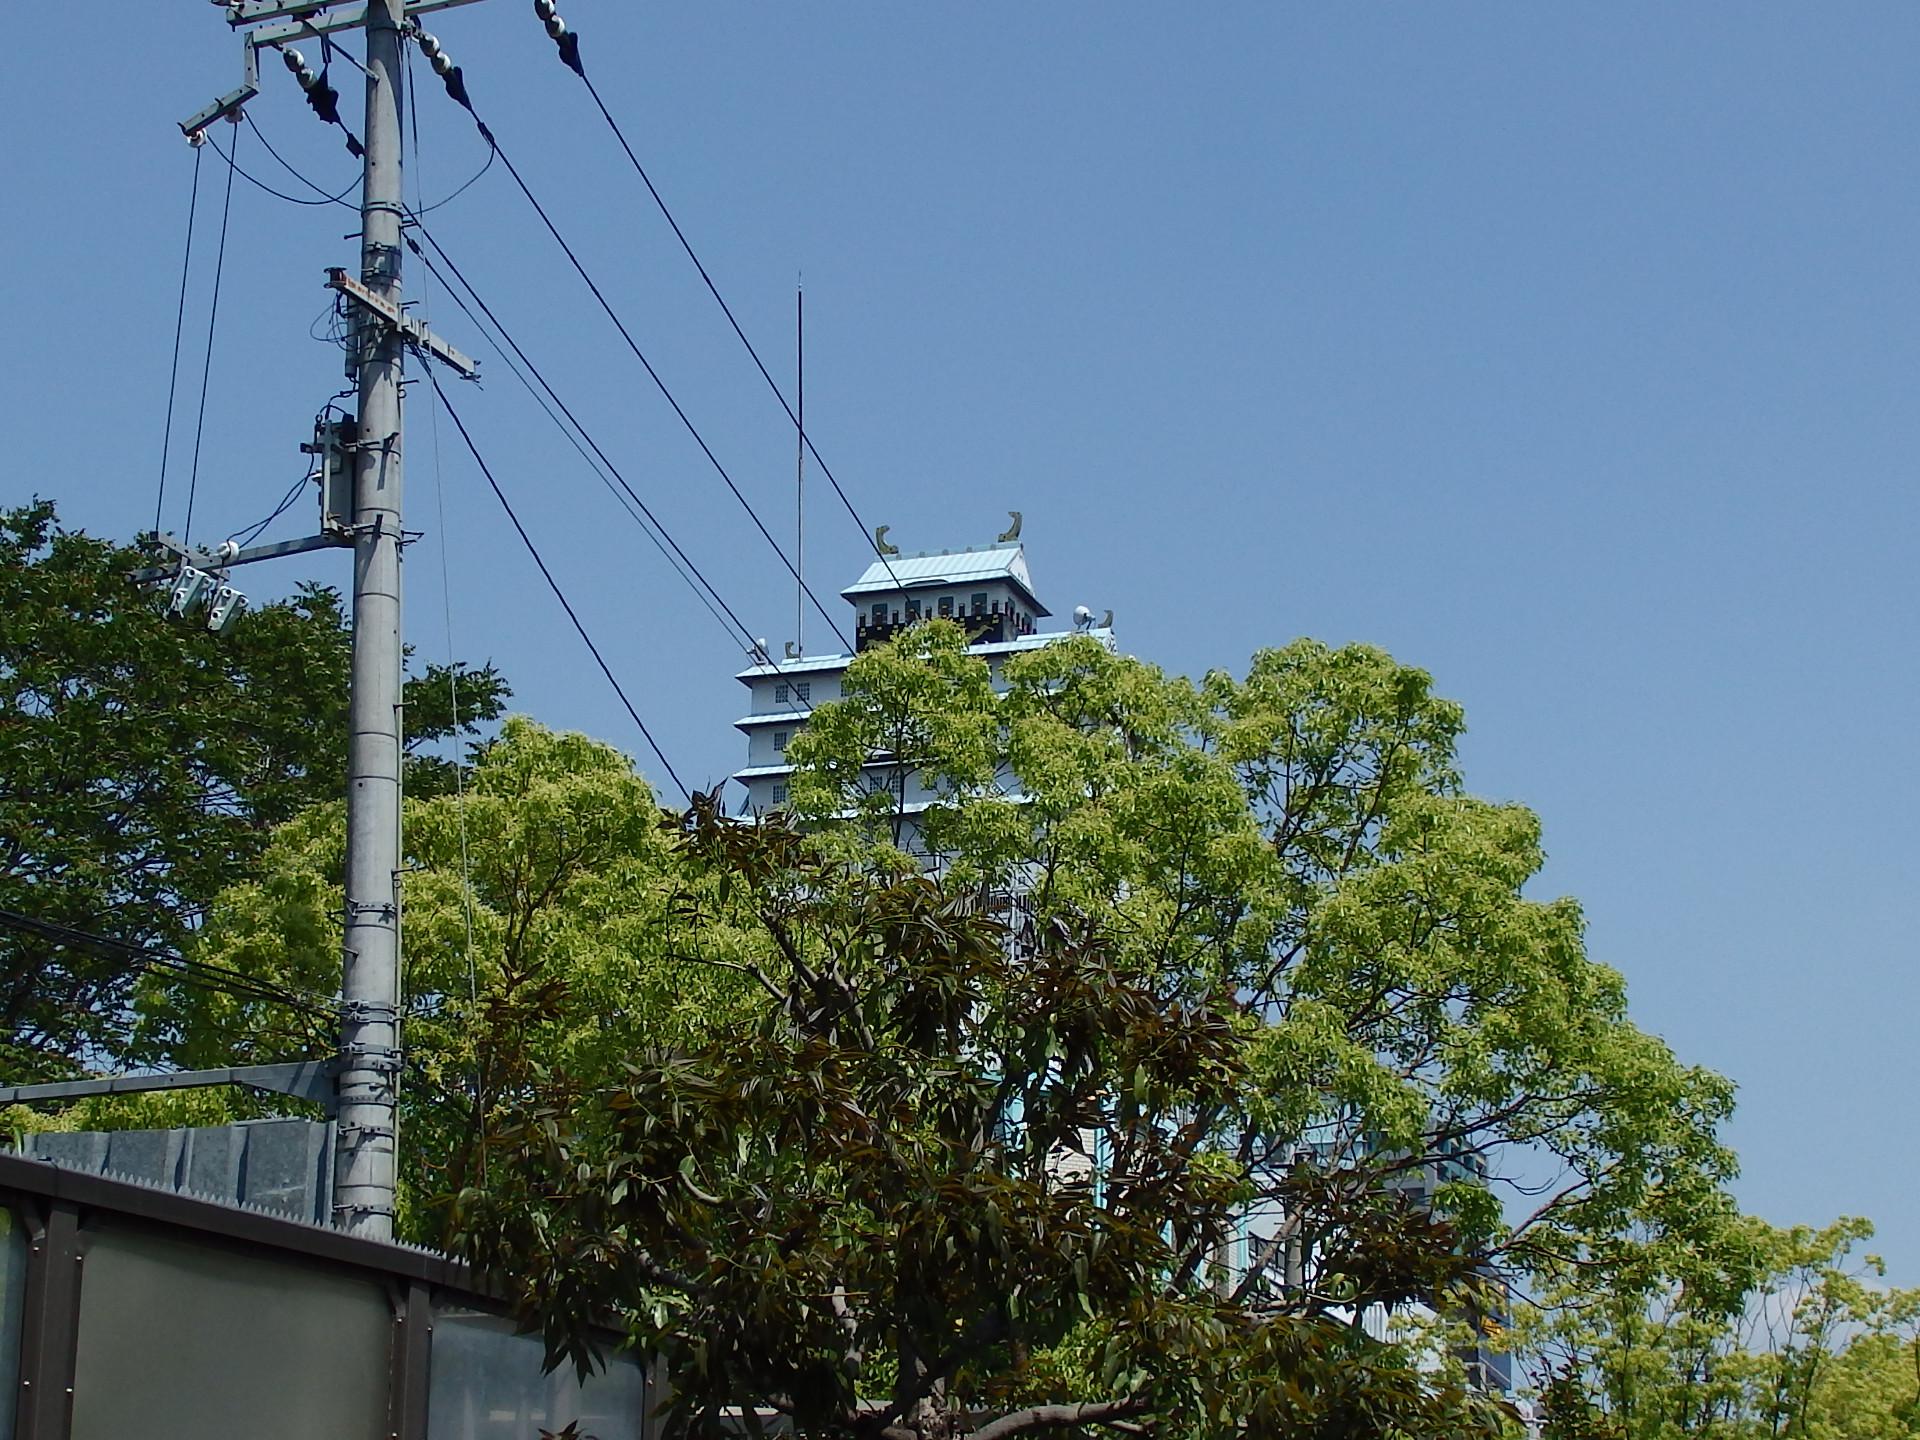 茶臼山ラブホ街のインチキ大阪城です。